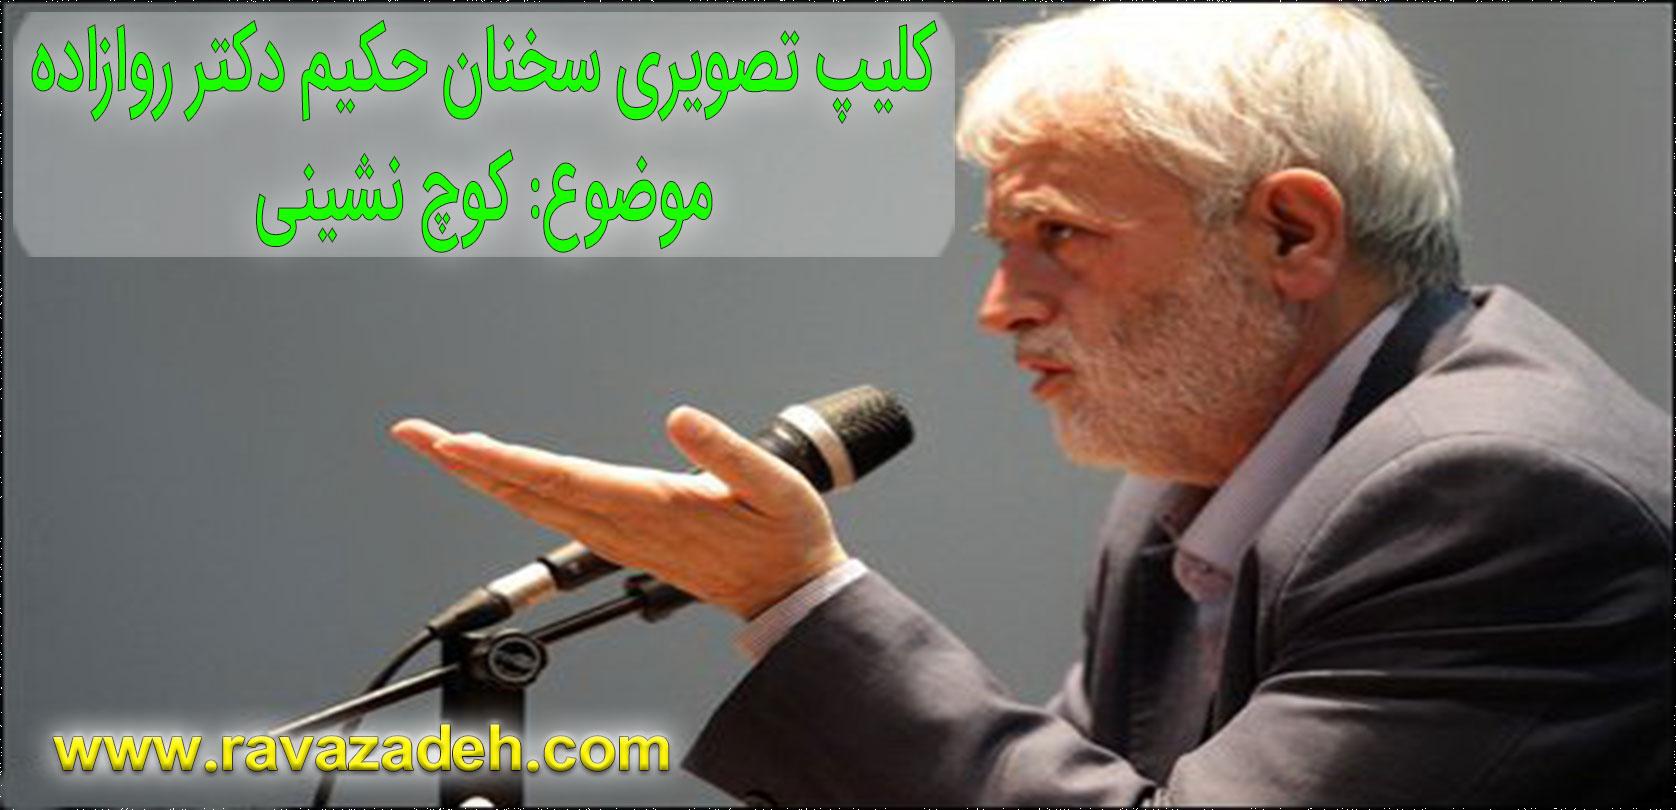 Photo of کوچ جنگل نشین ها و آثار مخرب آن + کلیپ تصویری سخنرانی حکیم دکتر روازاده